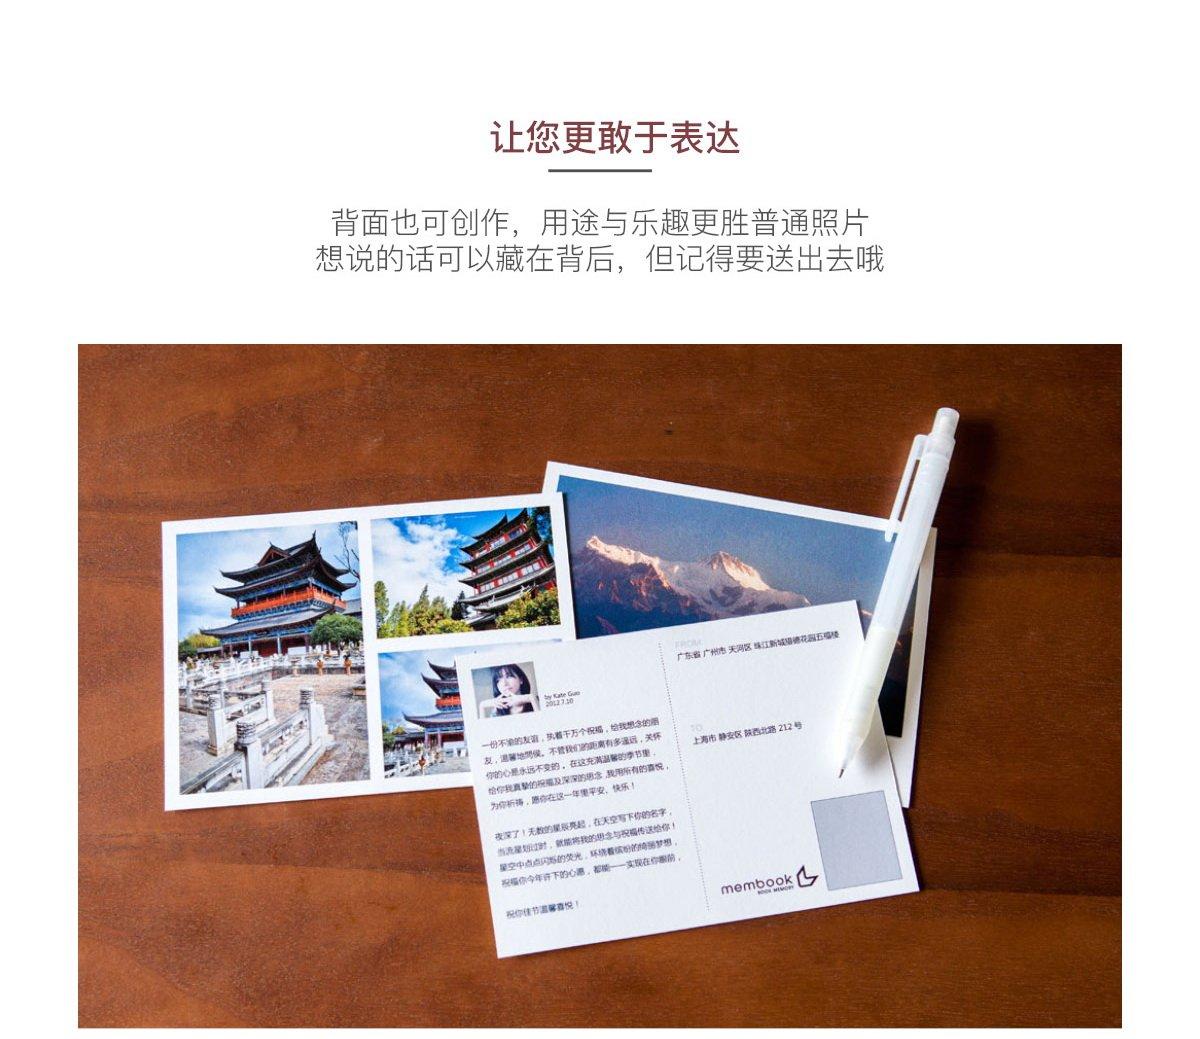 《[活动] 发美国面签证经历 送可定制明信片美国旅游攻略组成员 美国旅游攻略》